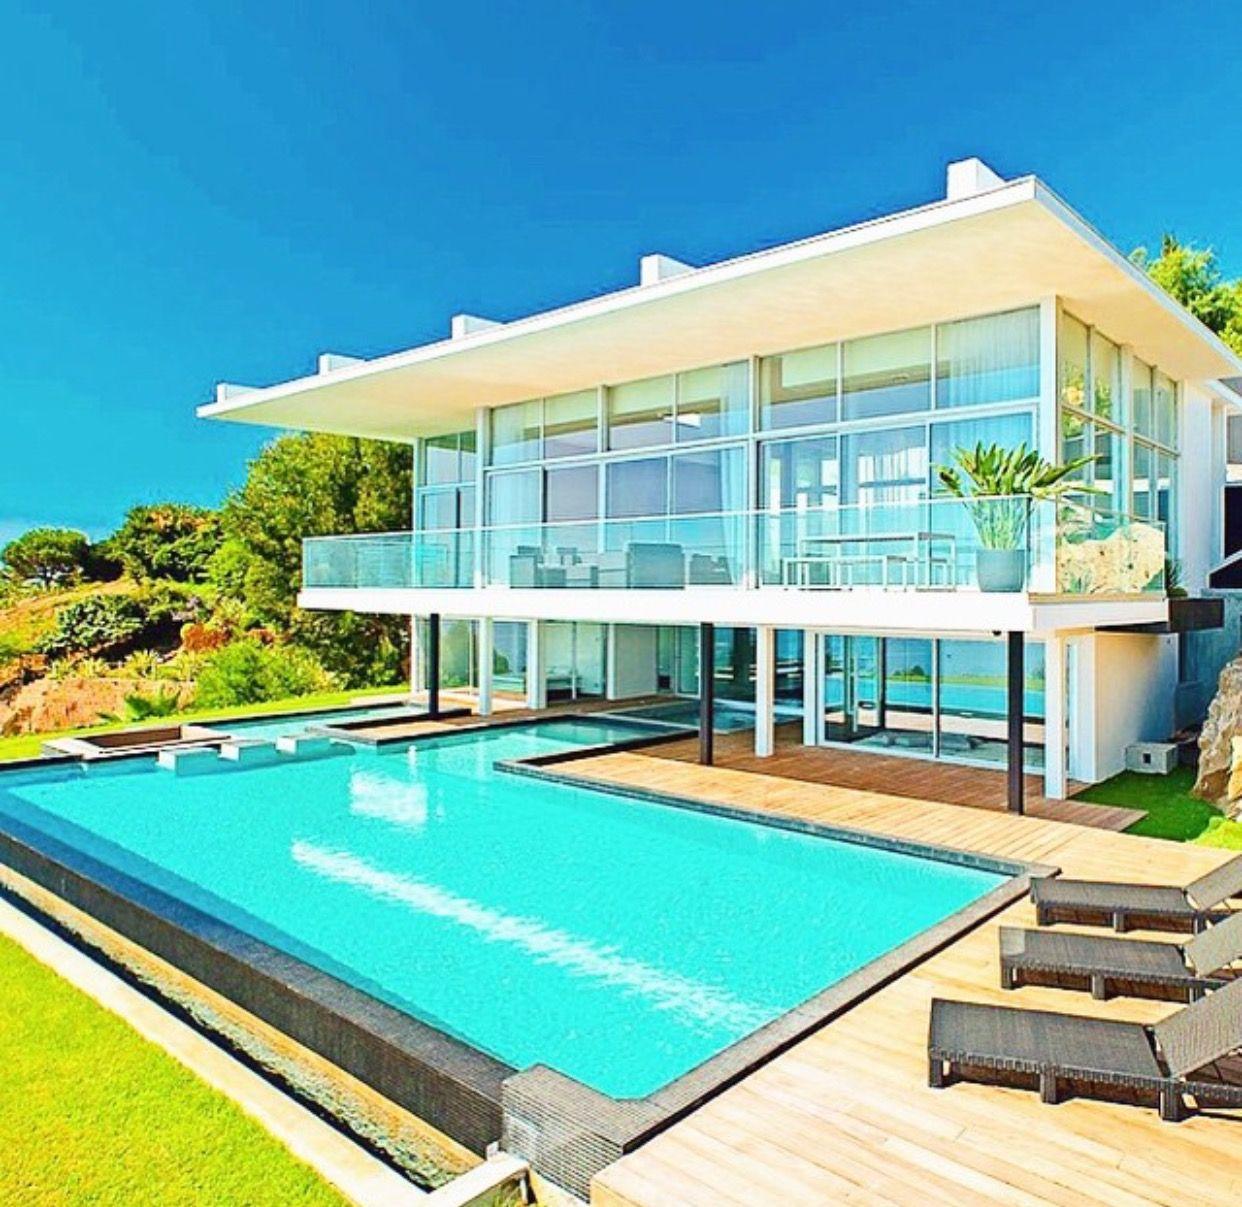 Imagem de Luxurious Outdoor Living por Doris Diaz | Casas ... on Luxo Living Outdoor id=11324